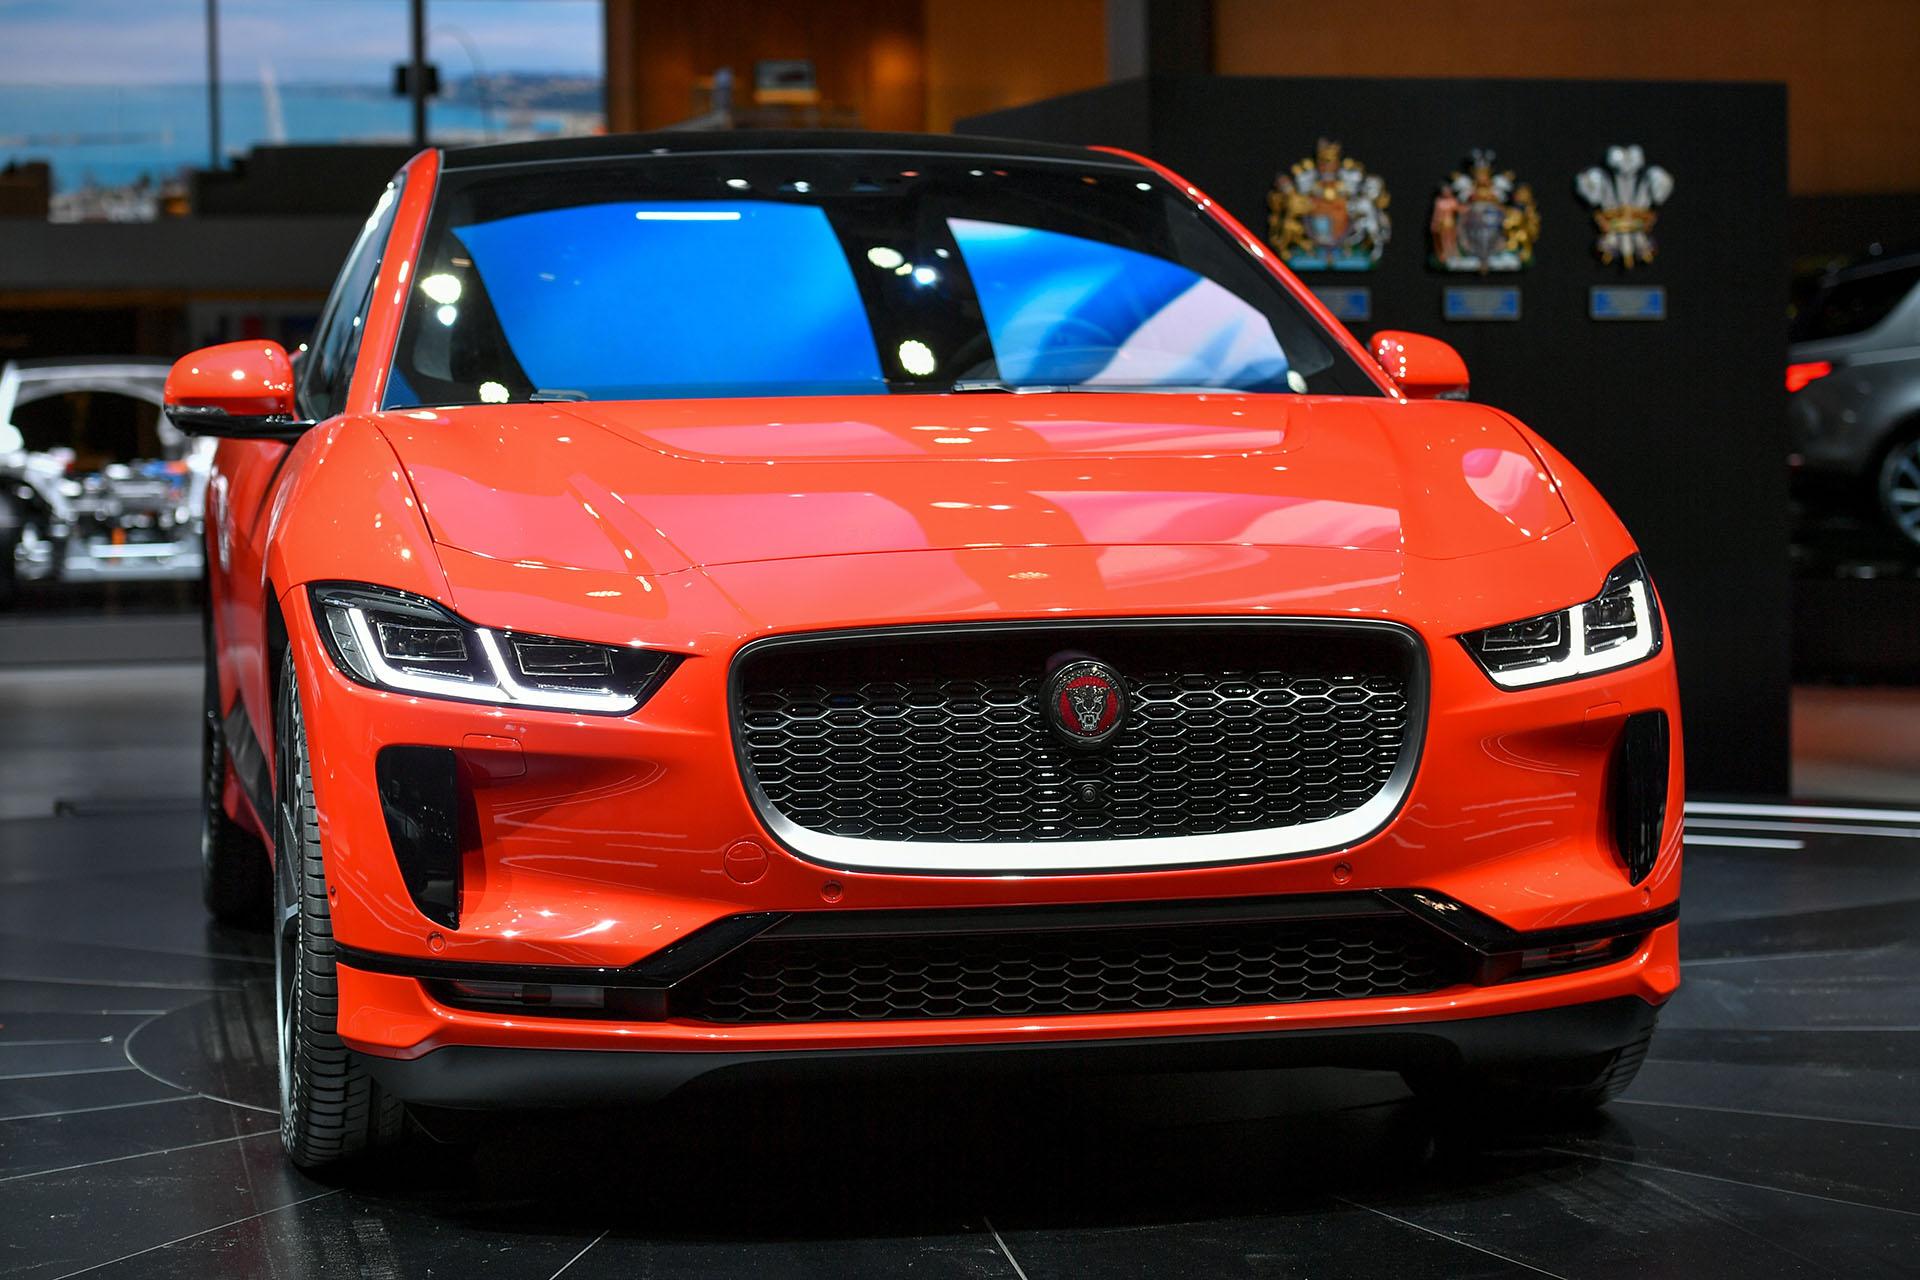 Jaguar mostró por primera vez el I-Pace, el primer vehículo 100% eléctrico del fabricante británico. El SUV se posiciona por tamaño y calidad de prestaciones entre el E-Pace y el F-Pace, y ofrece en su naturaleza sostenible 480 kilómetros de autonomía eléctrica y baterías de recarga rápida